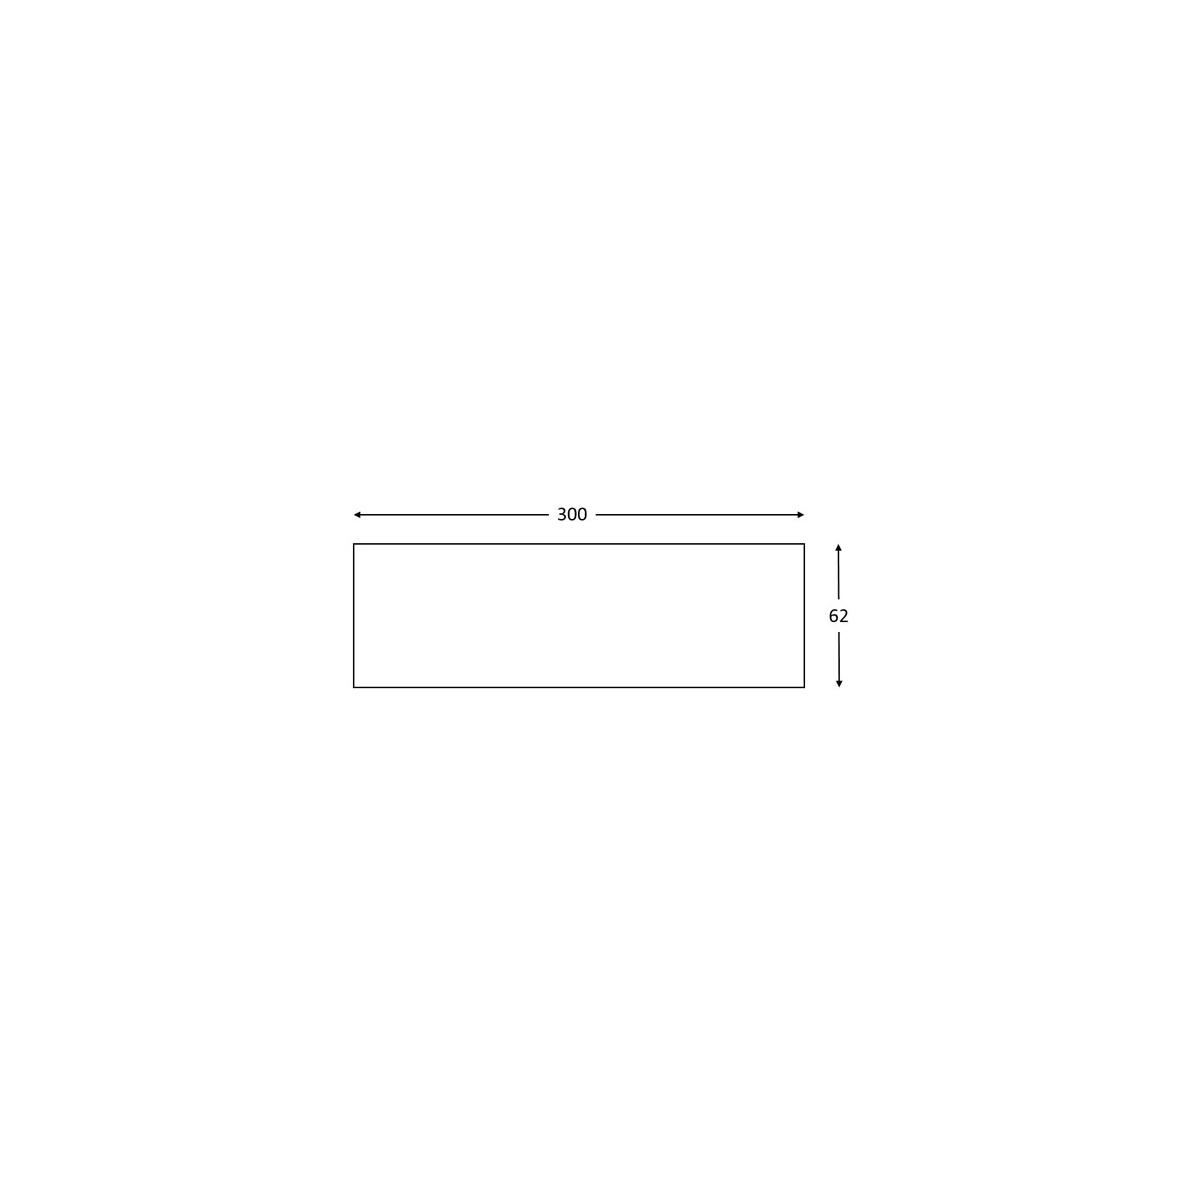 Panel rústico sin lamas imitación madera de 300x62cm Grupo Unamacor